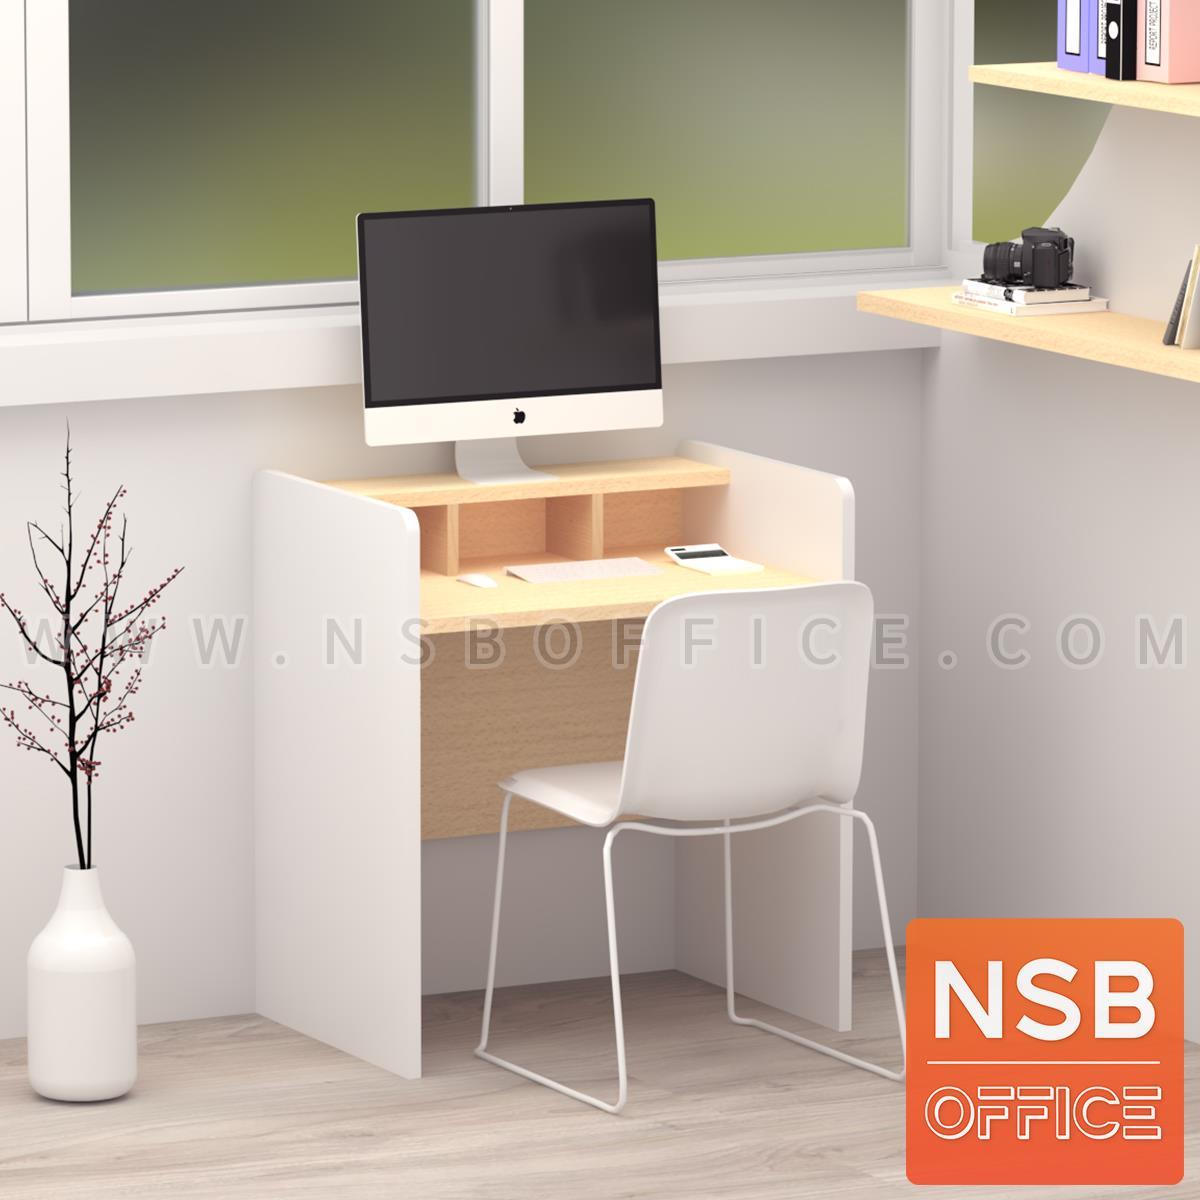 โต๊ะทำงานคอมพิวเตอร์ รุ่น Began (บีแกนน์) ขนาด 80W, 100W cm.